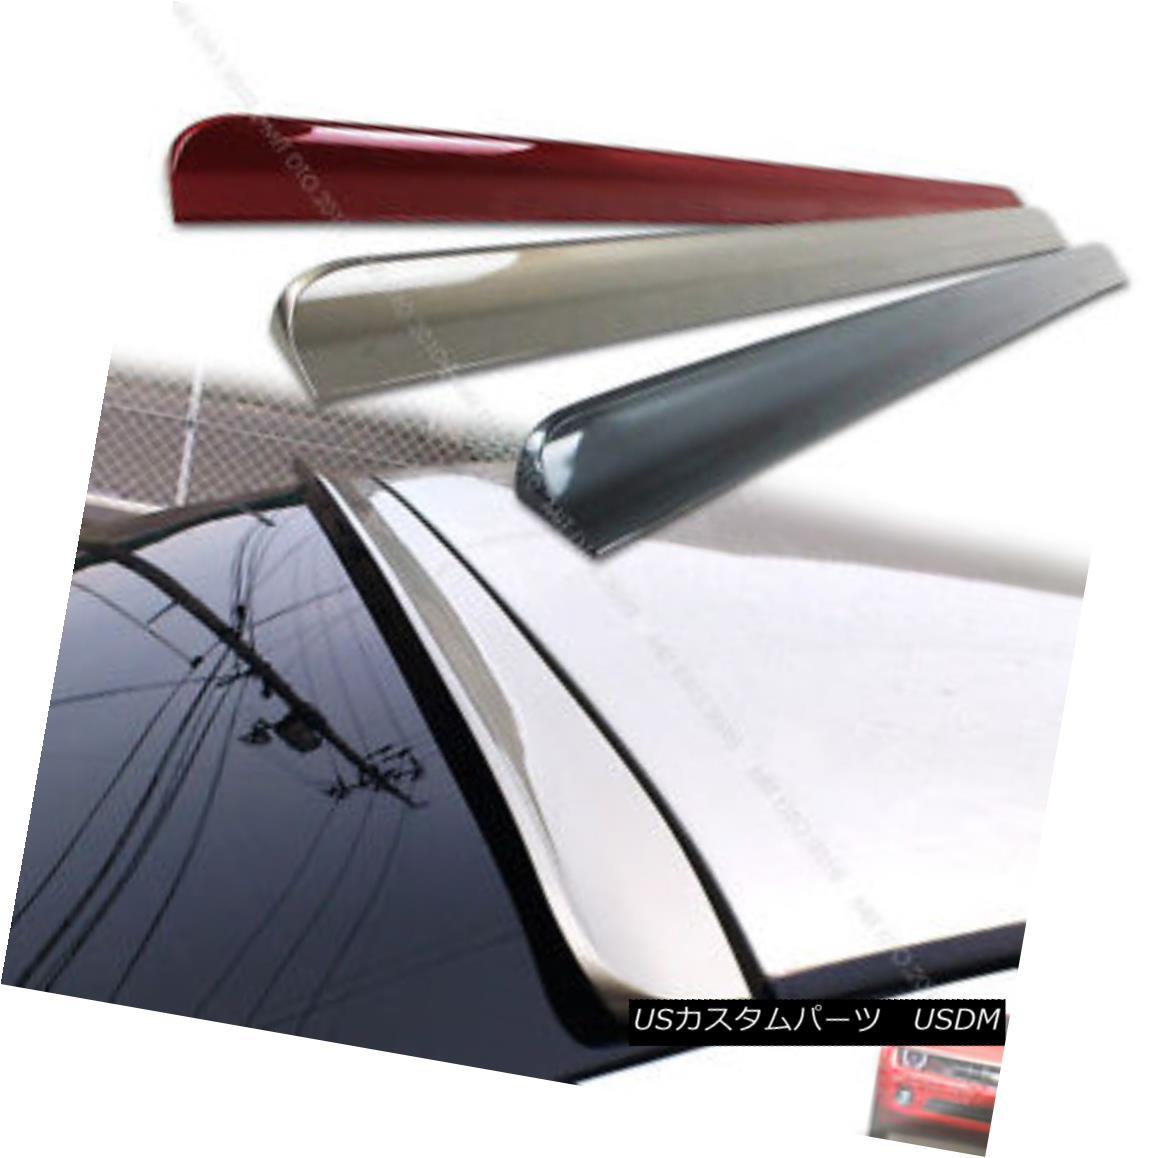 エアロパーツ Painted G35 G37 V35 Window Rear Roof Lip Spoiler Wing 05-06 § 塗装されたG35 G37 V35ウインドリアールーフスポイラーウイング05-06